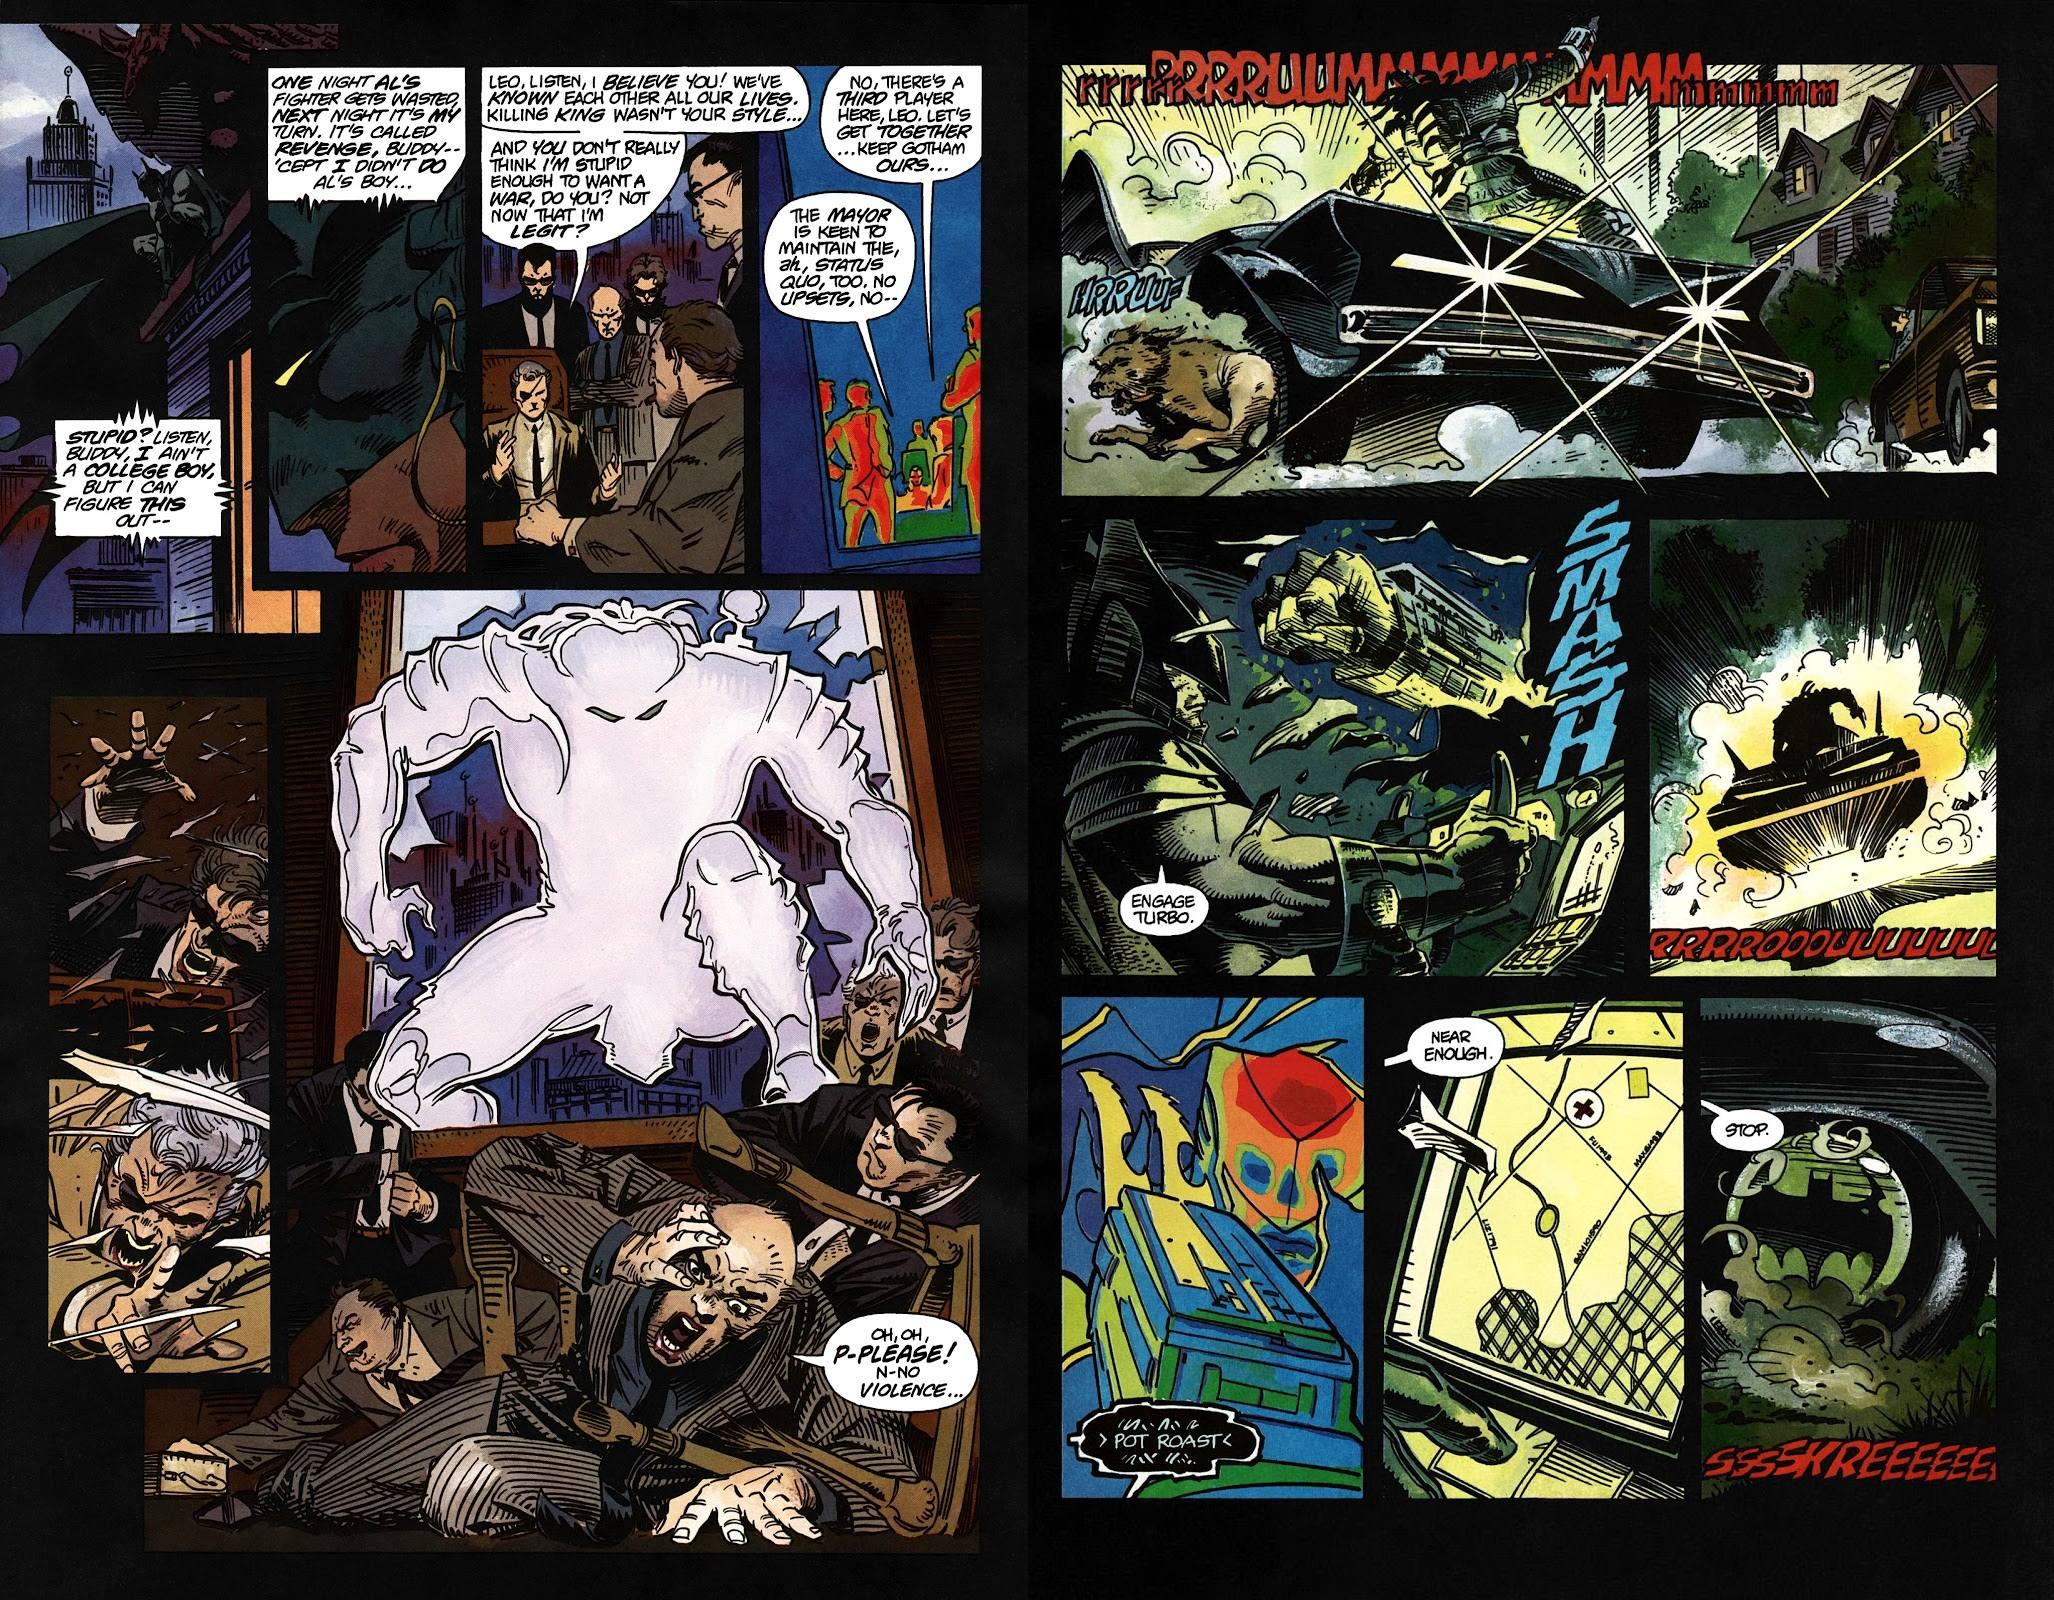 Batman versus Predator review